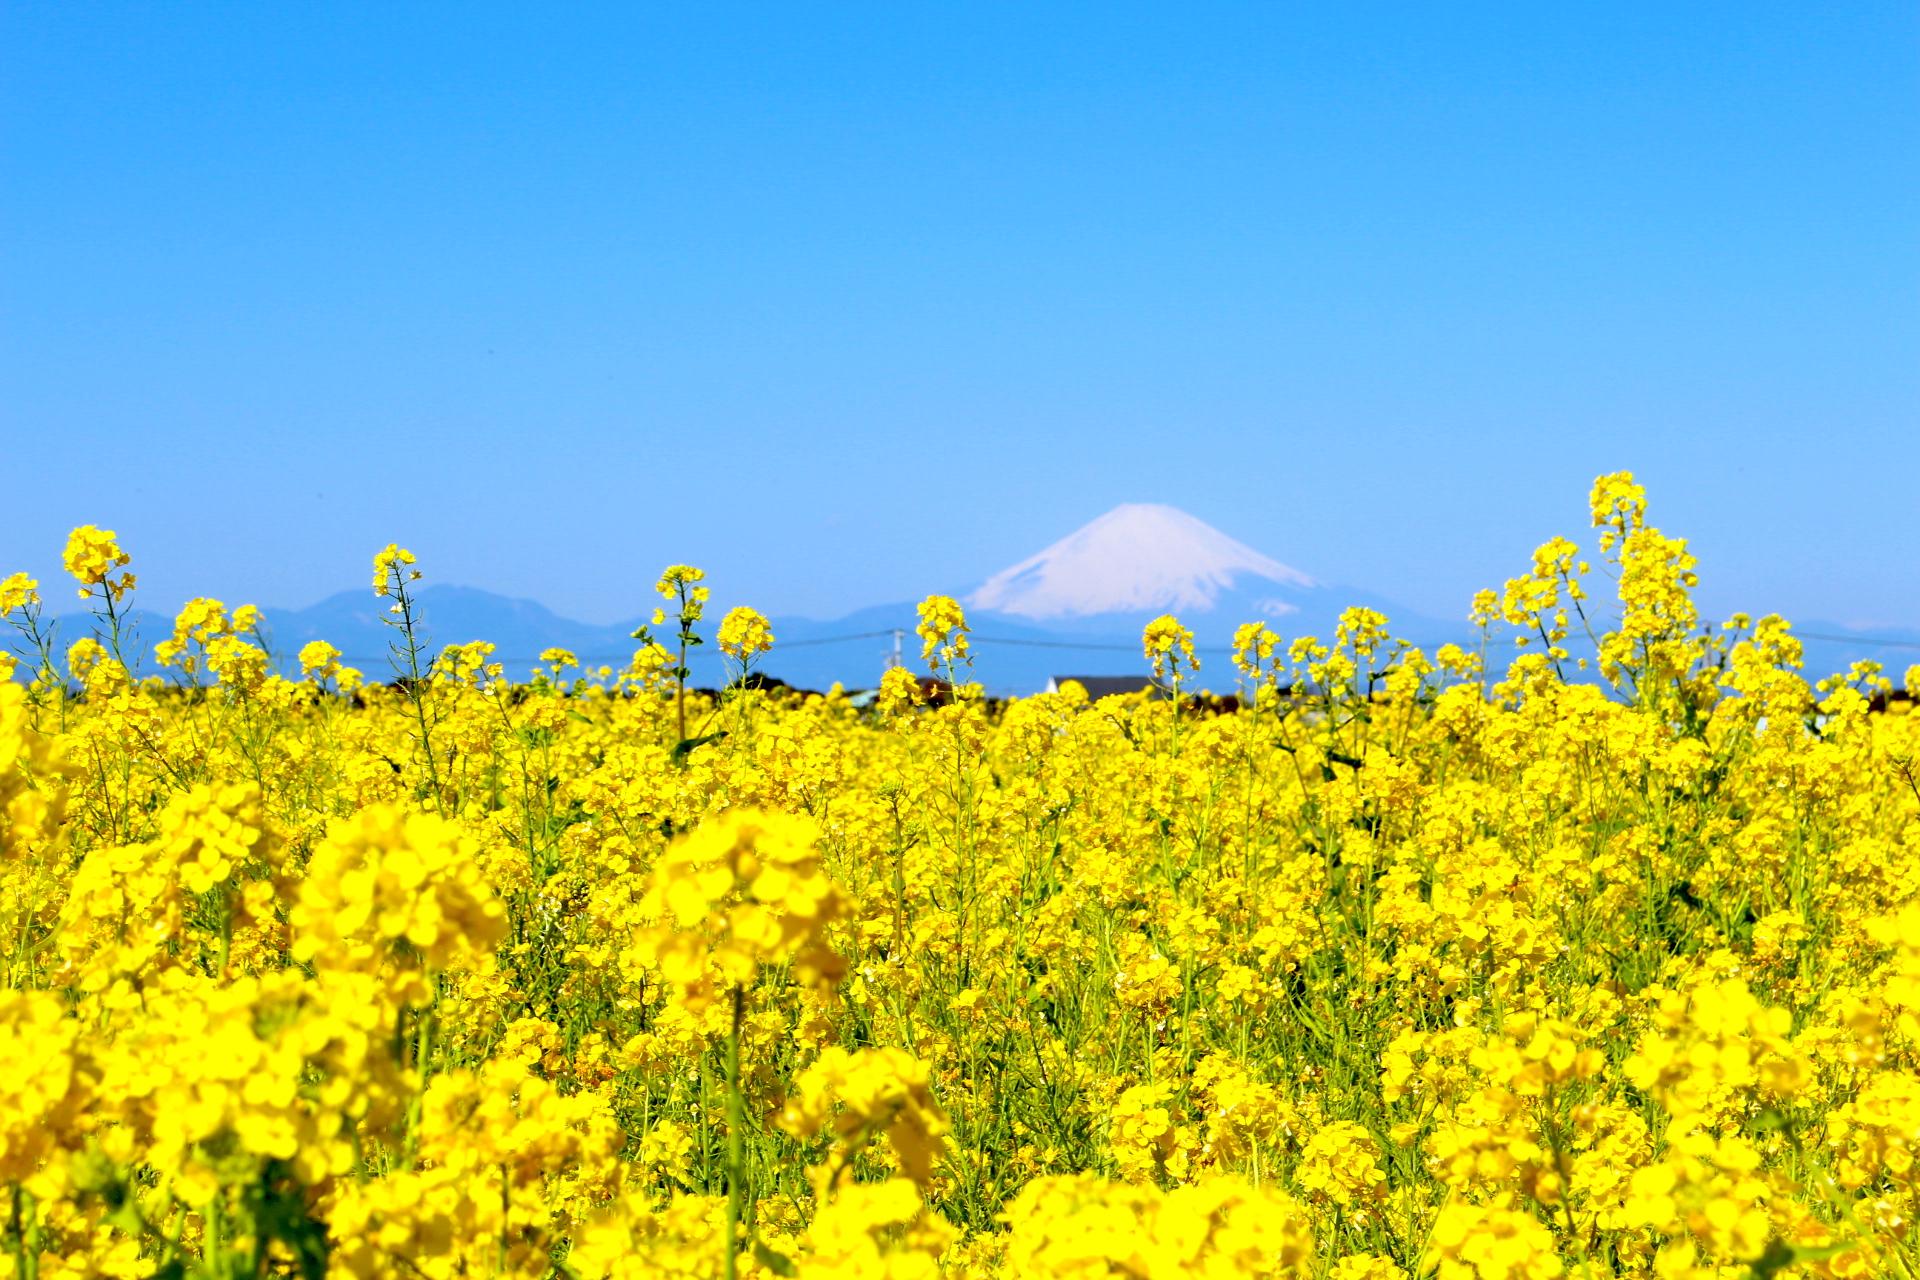 ソレイユの丘『菜の花まつり』